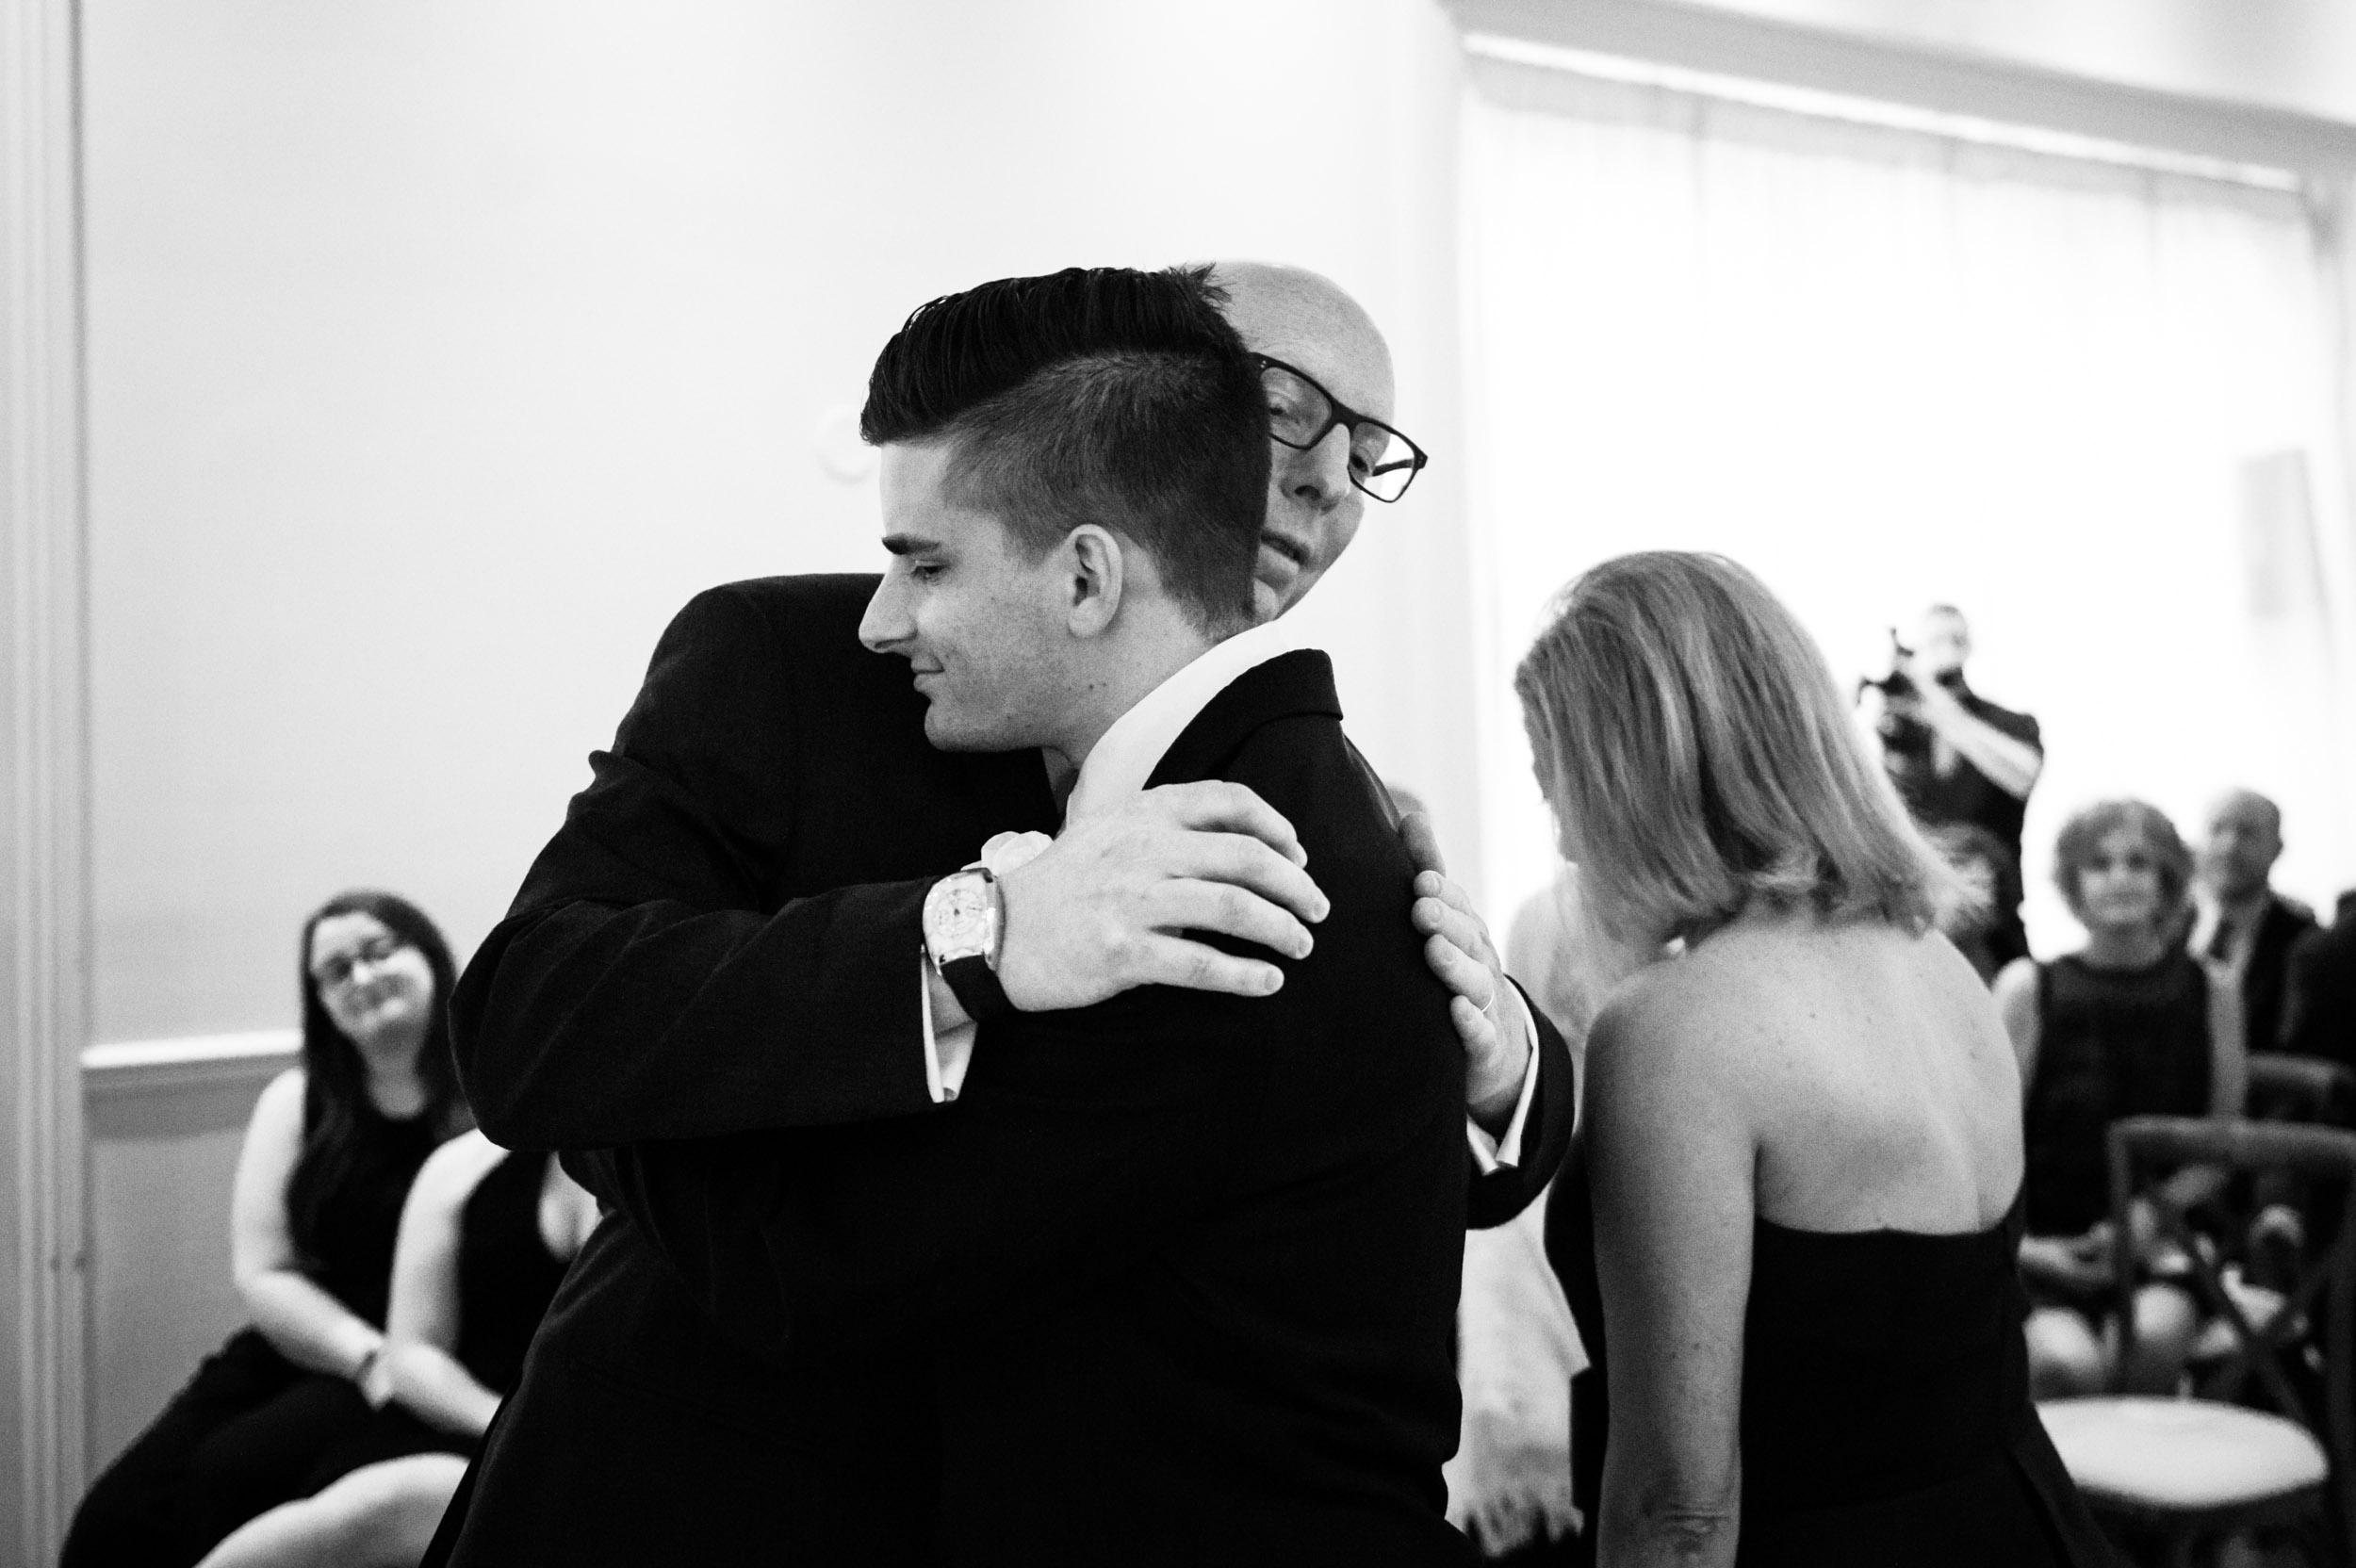 Documentary wedding photos at Chicago Illuminating Co